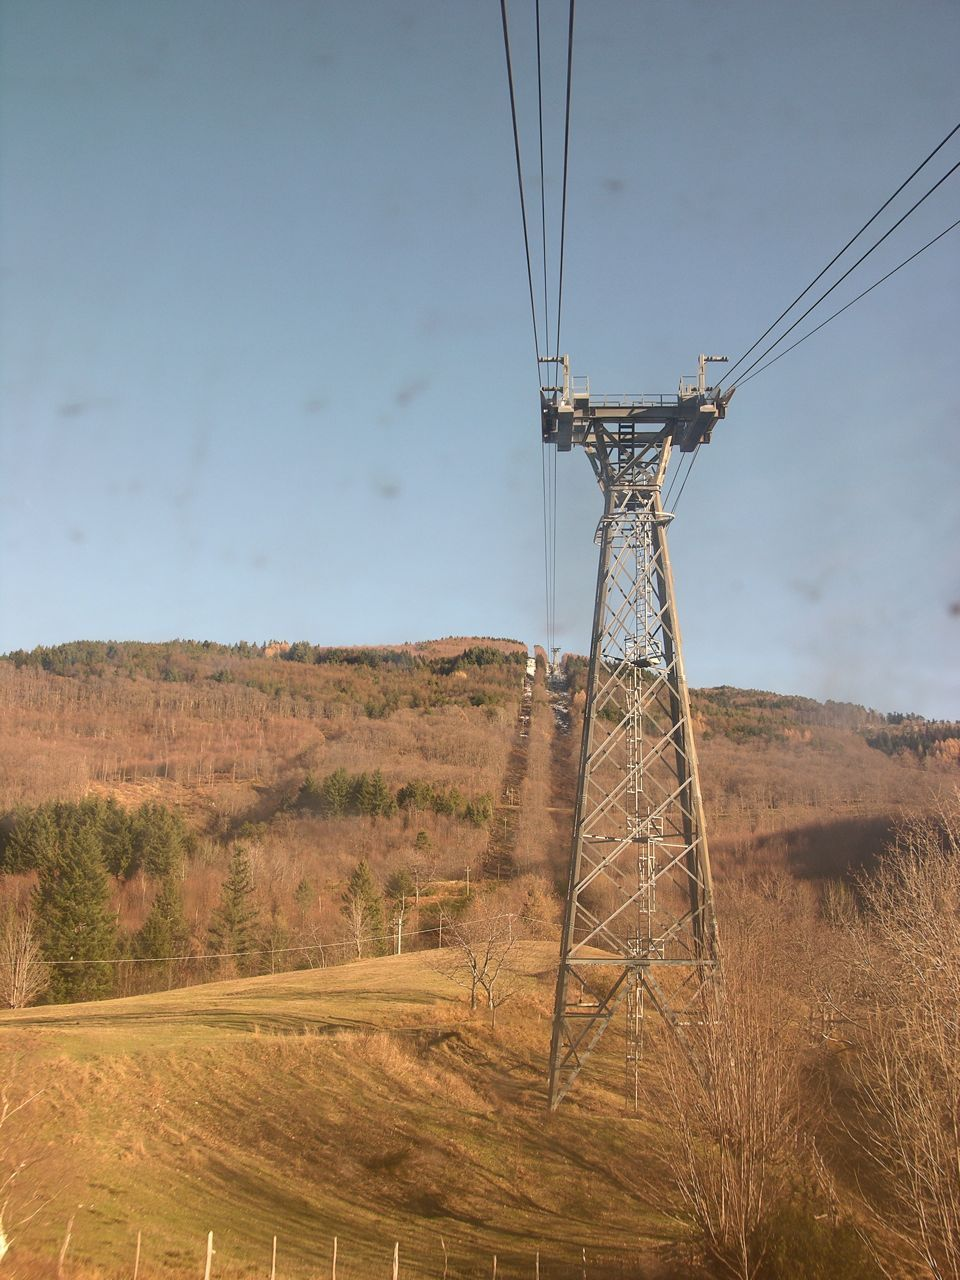 La neve dei giorni scorsi a valle già si è sciolta